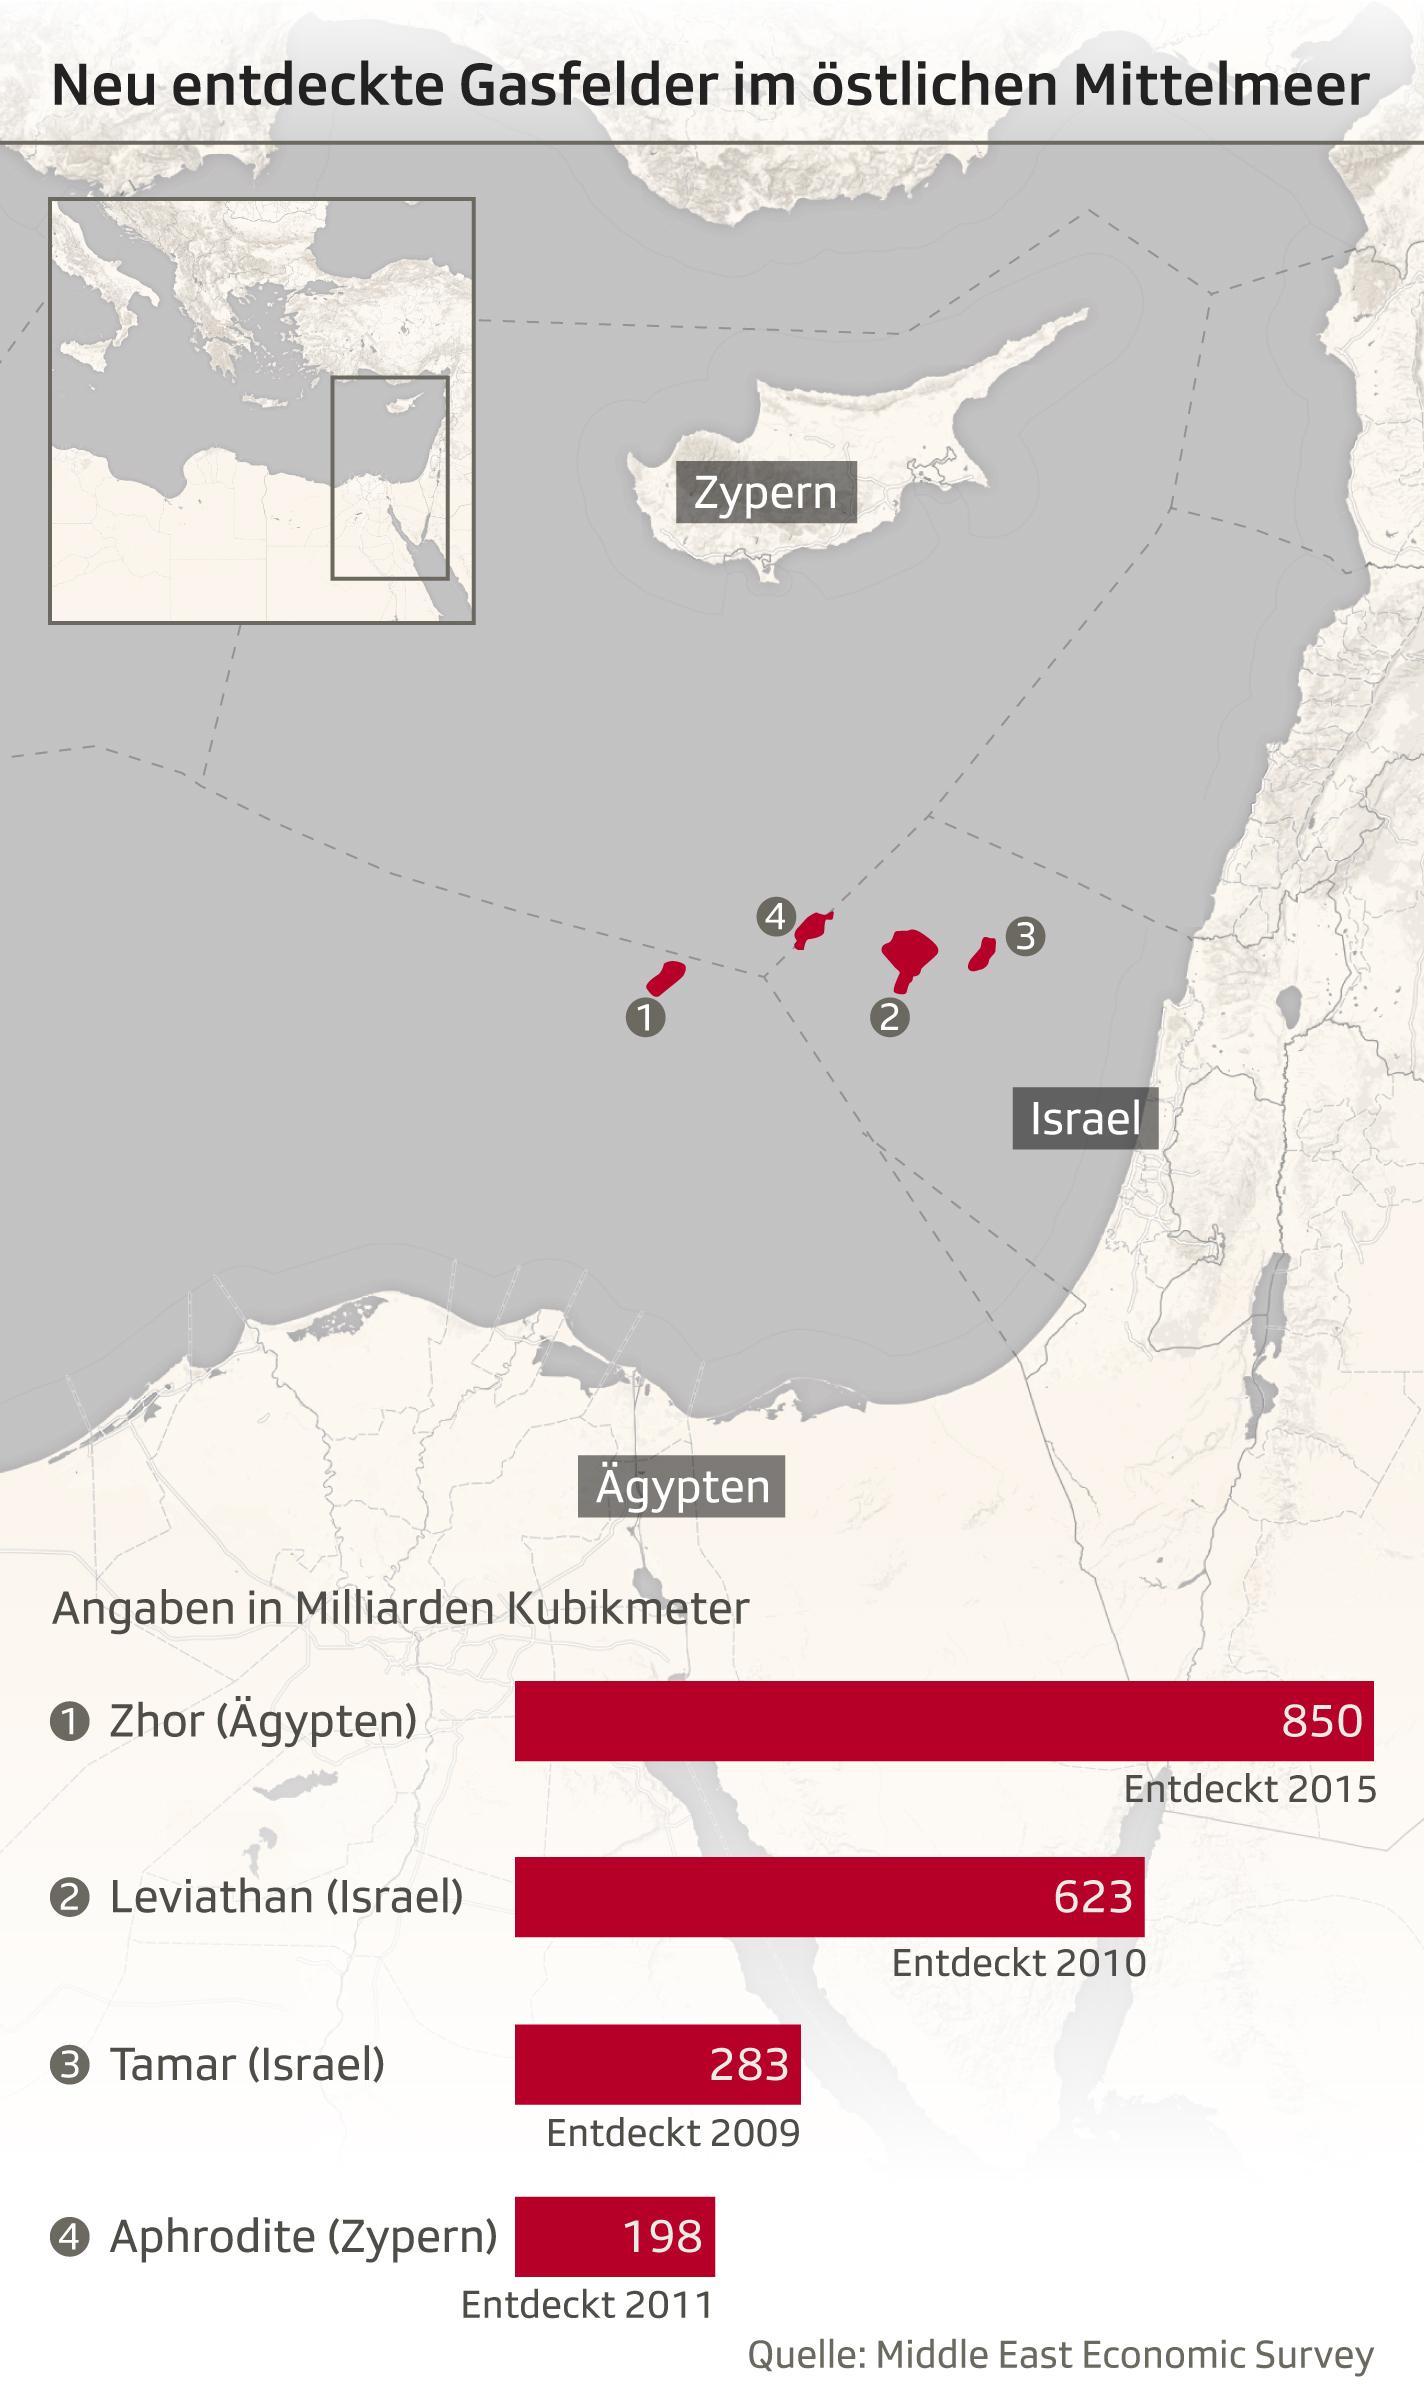 Kartenausschnitt östliches Mittelmeer mit neu entdeckten Gasfeldern